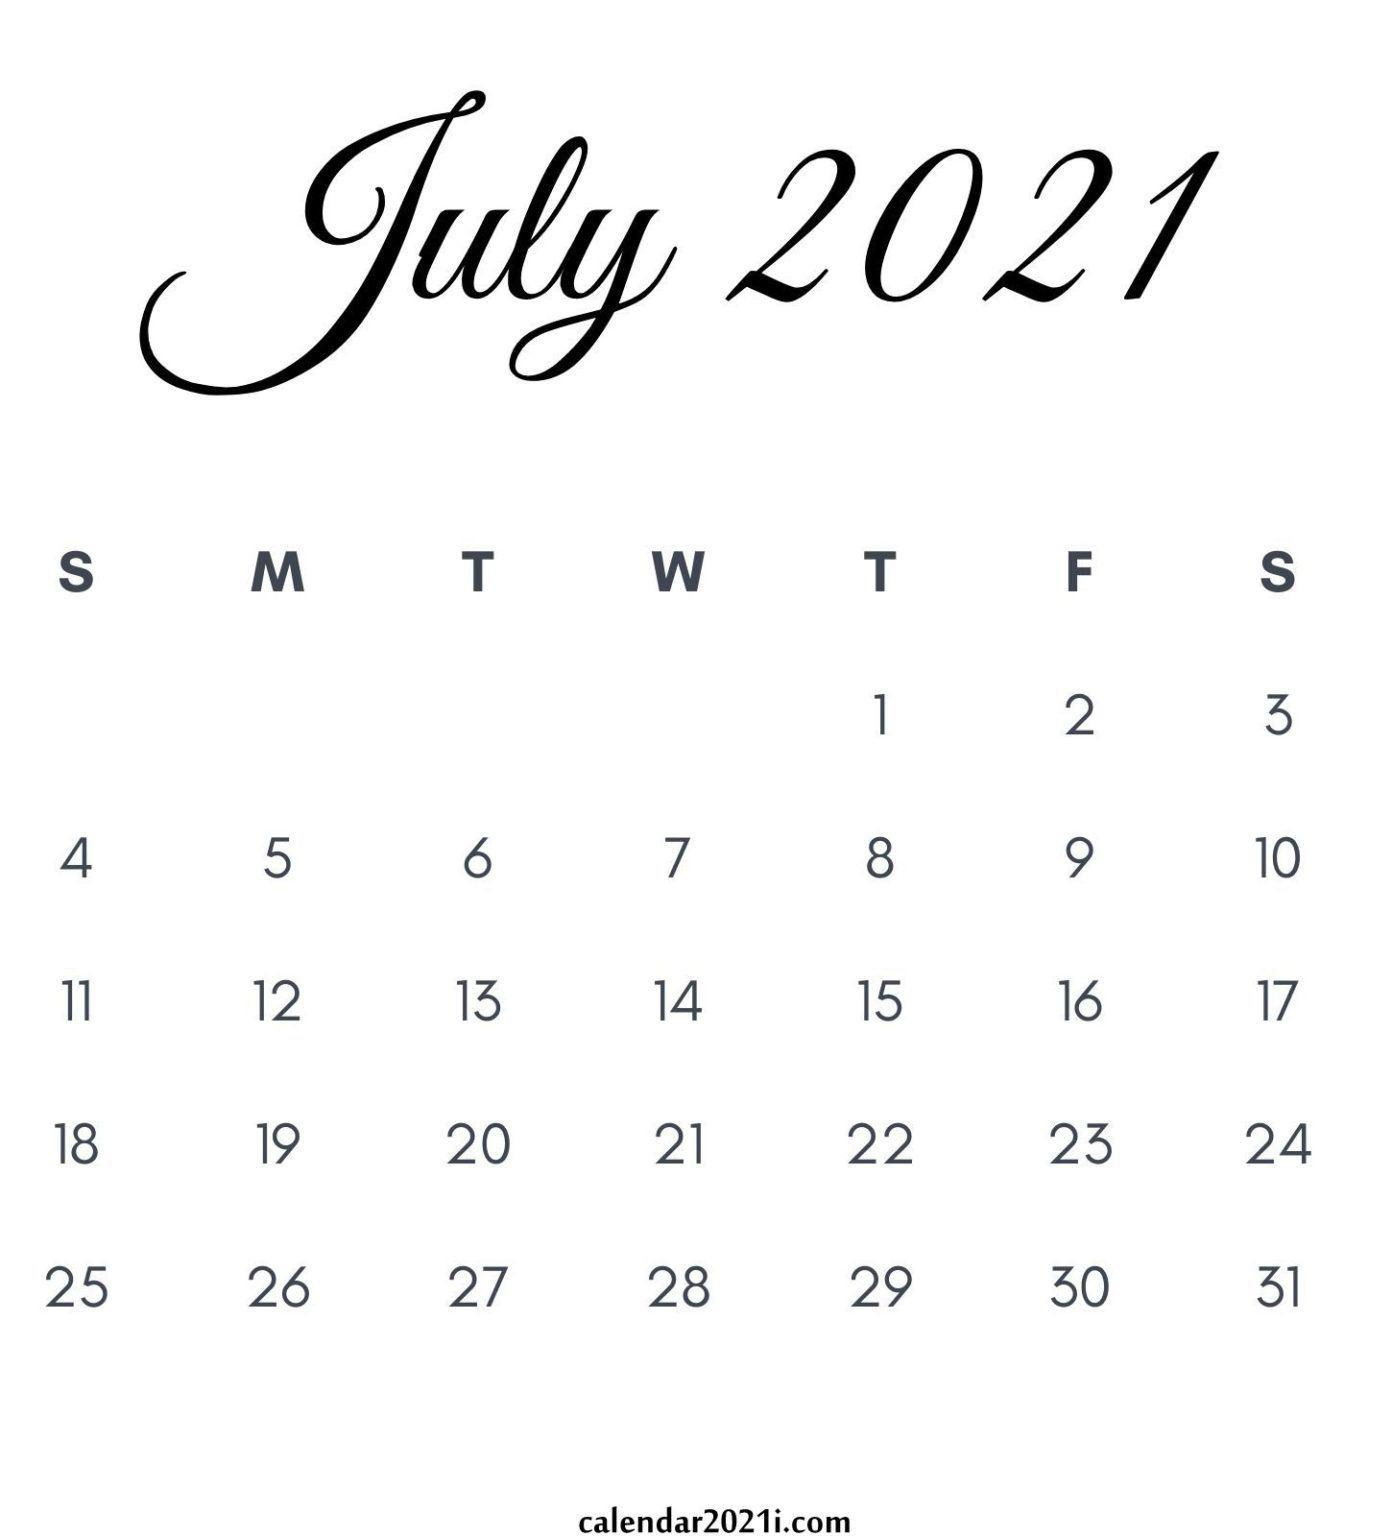 July 2021 Calendar Wallpaper July 2021 Calendar Wallpapers   Wallpaper Cave